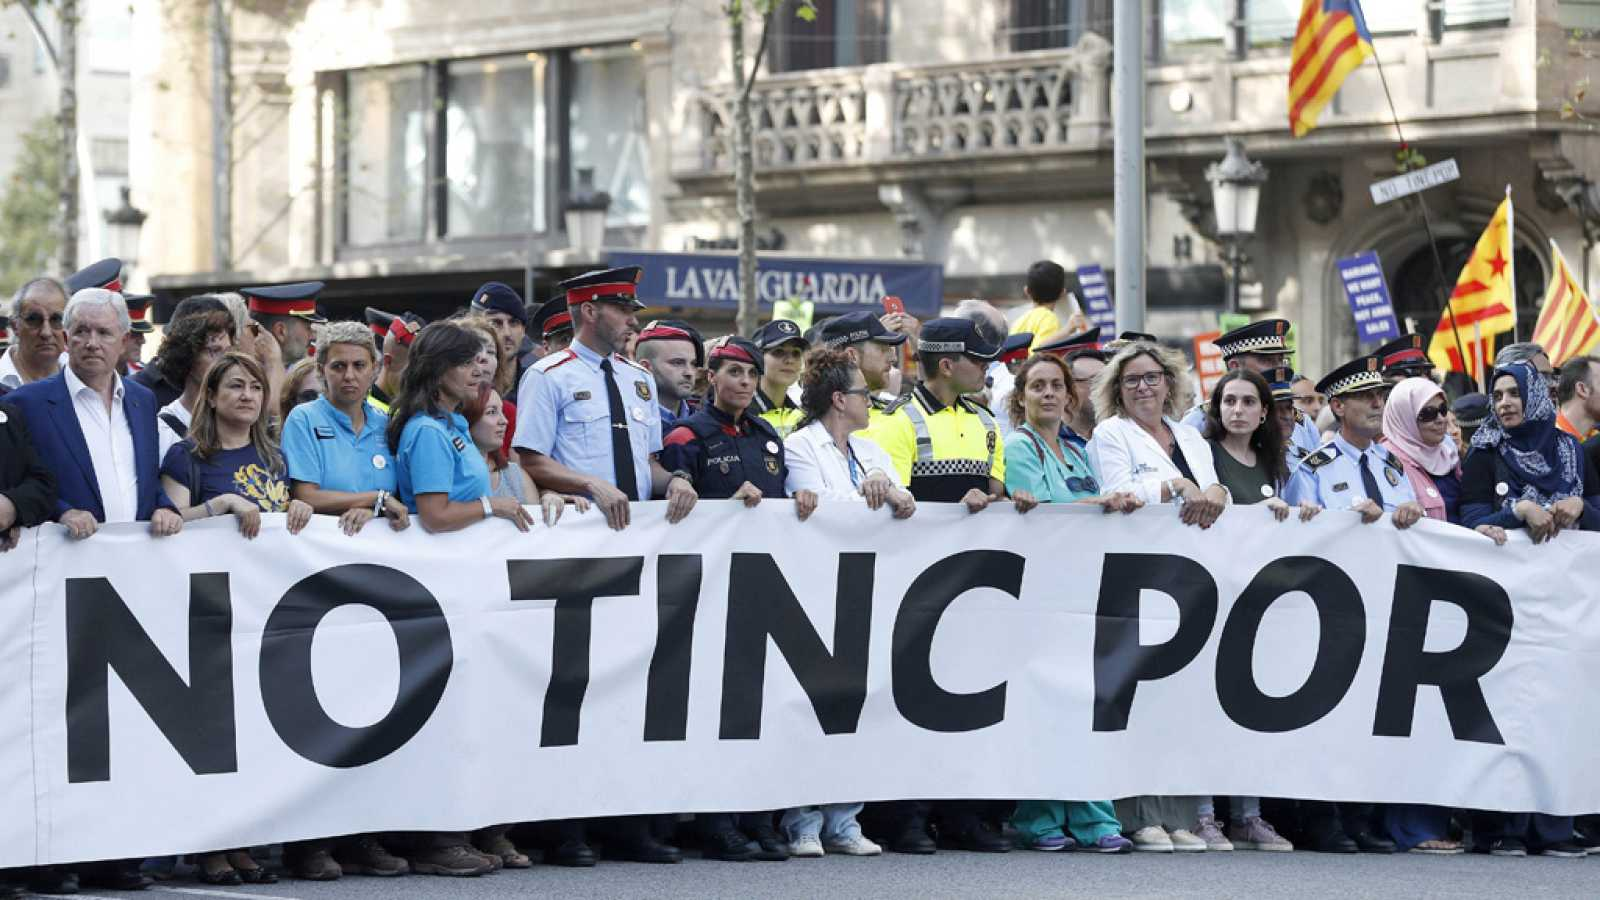 Miles De Personas Invaden El Corazón De Barcelona Para Gritar Que